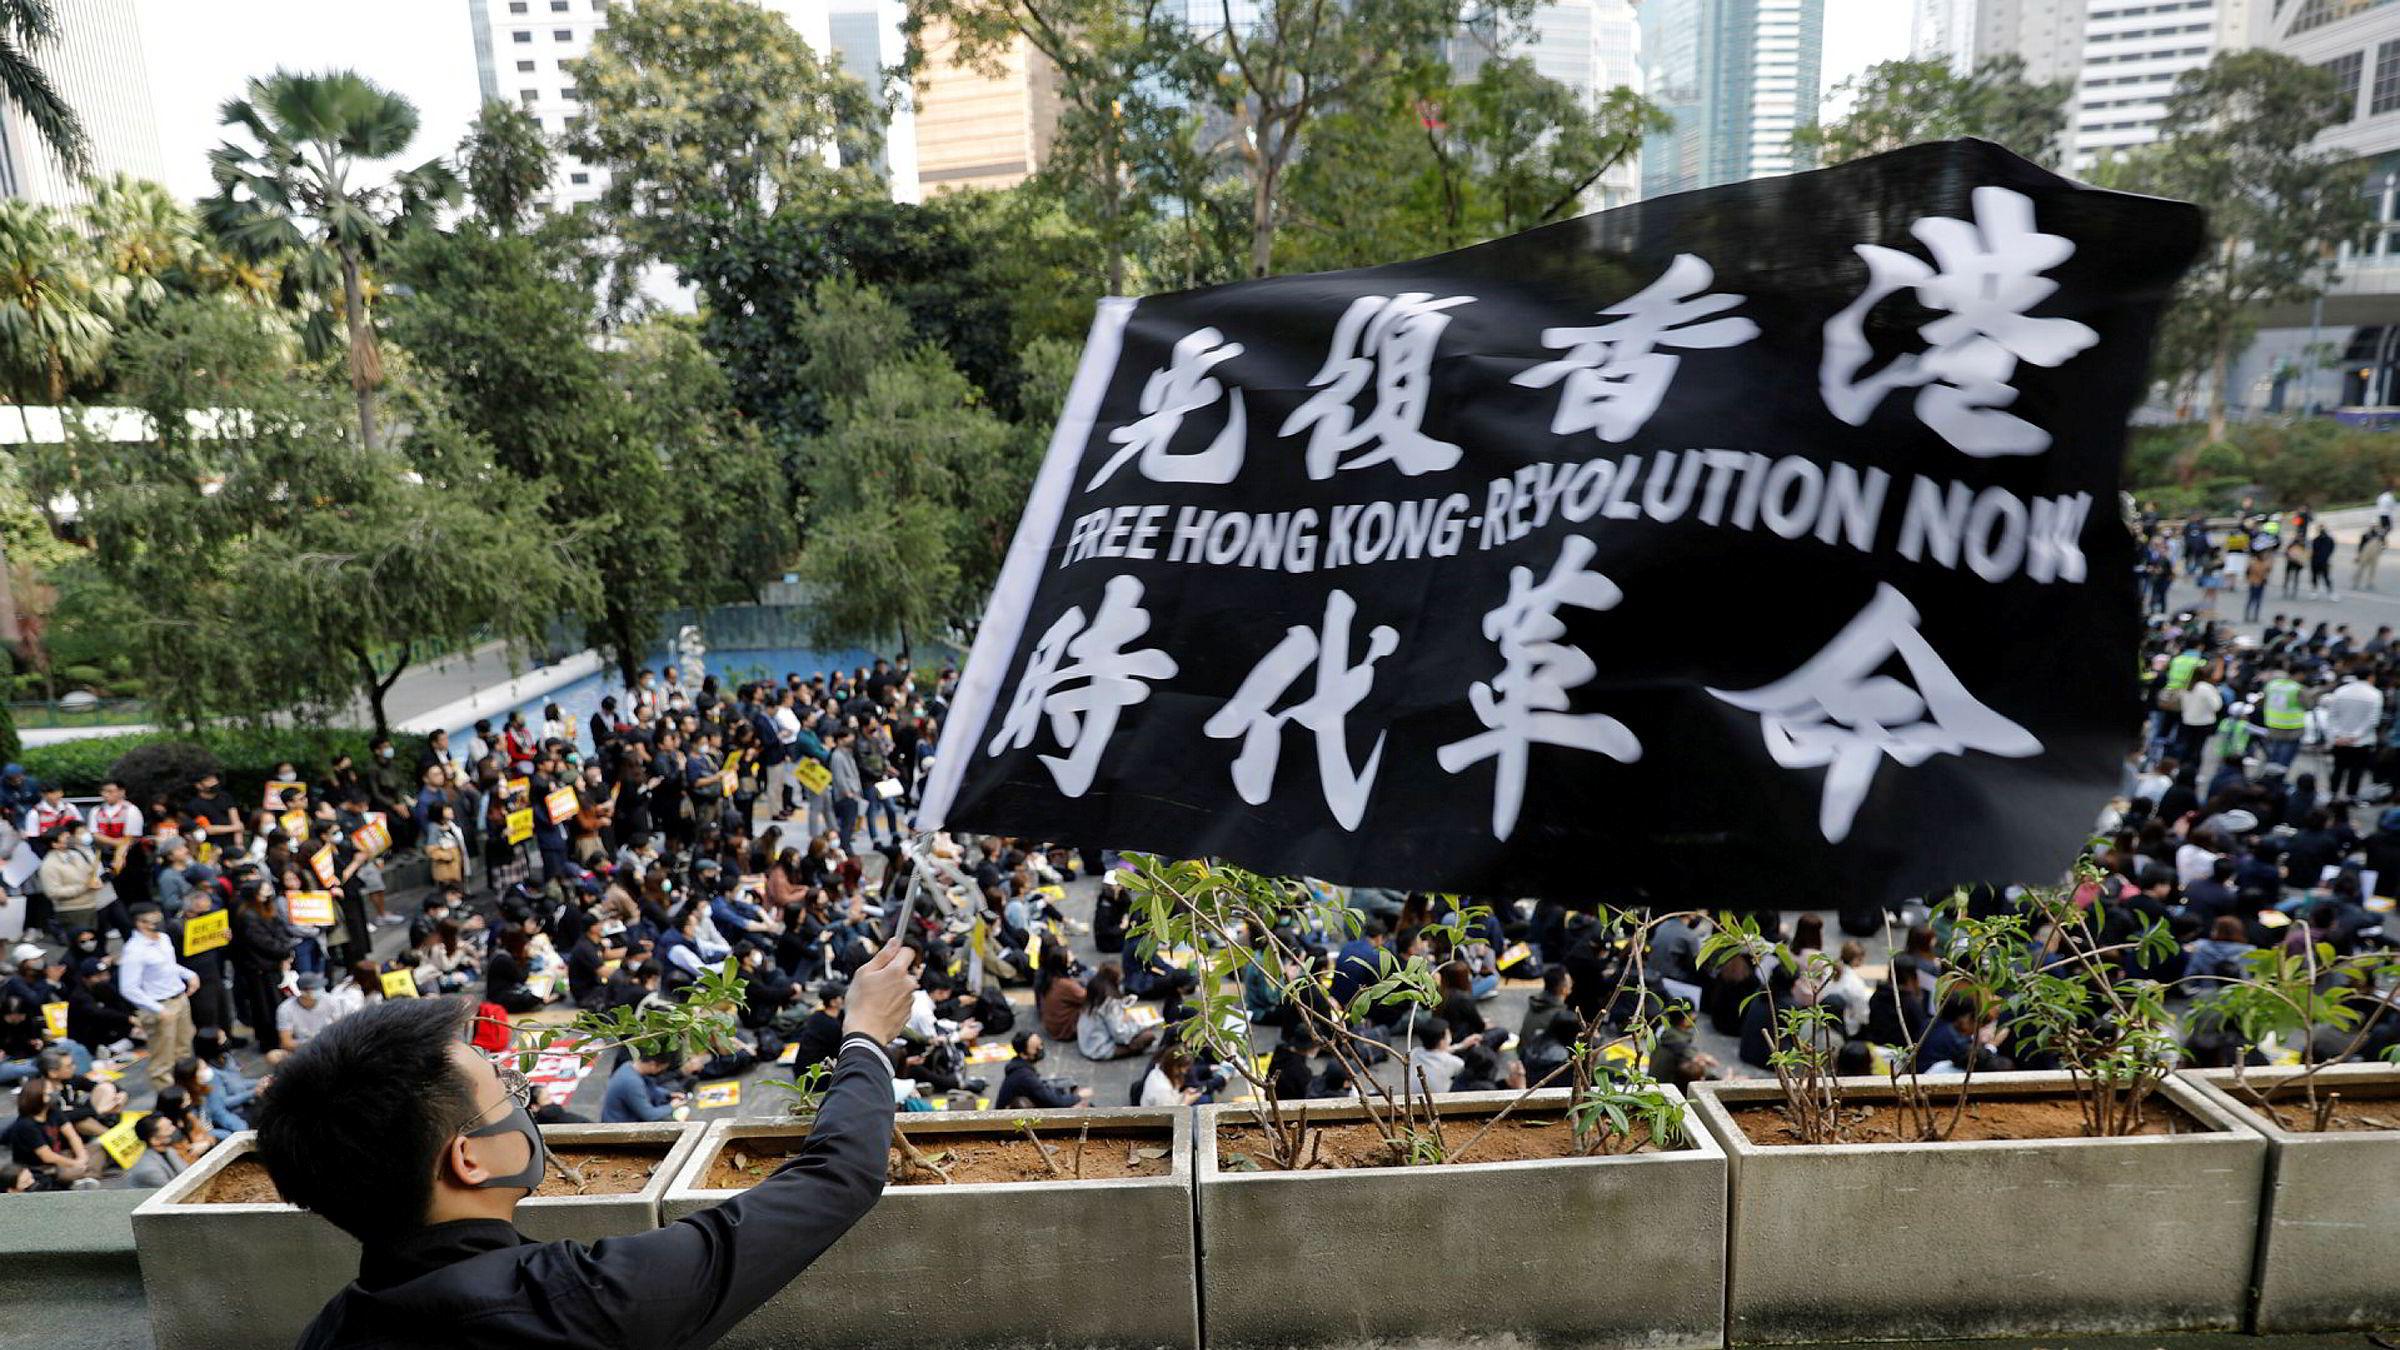 Demonstrasjonene pågår fortsatt i Hongkong – her fra et rally som reklamebyråer arrangerte på mandag. Finansbyen er inne i en dyp resesjon.